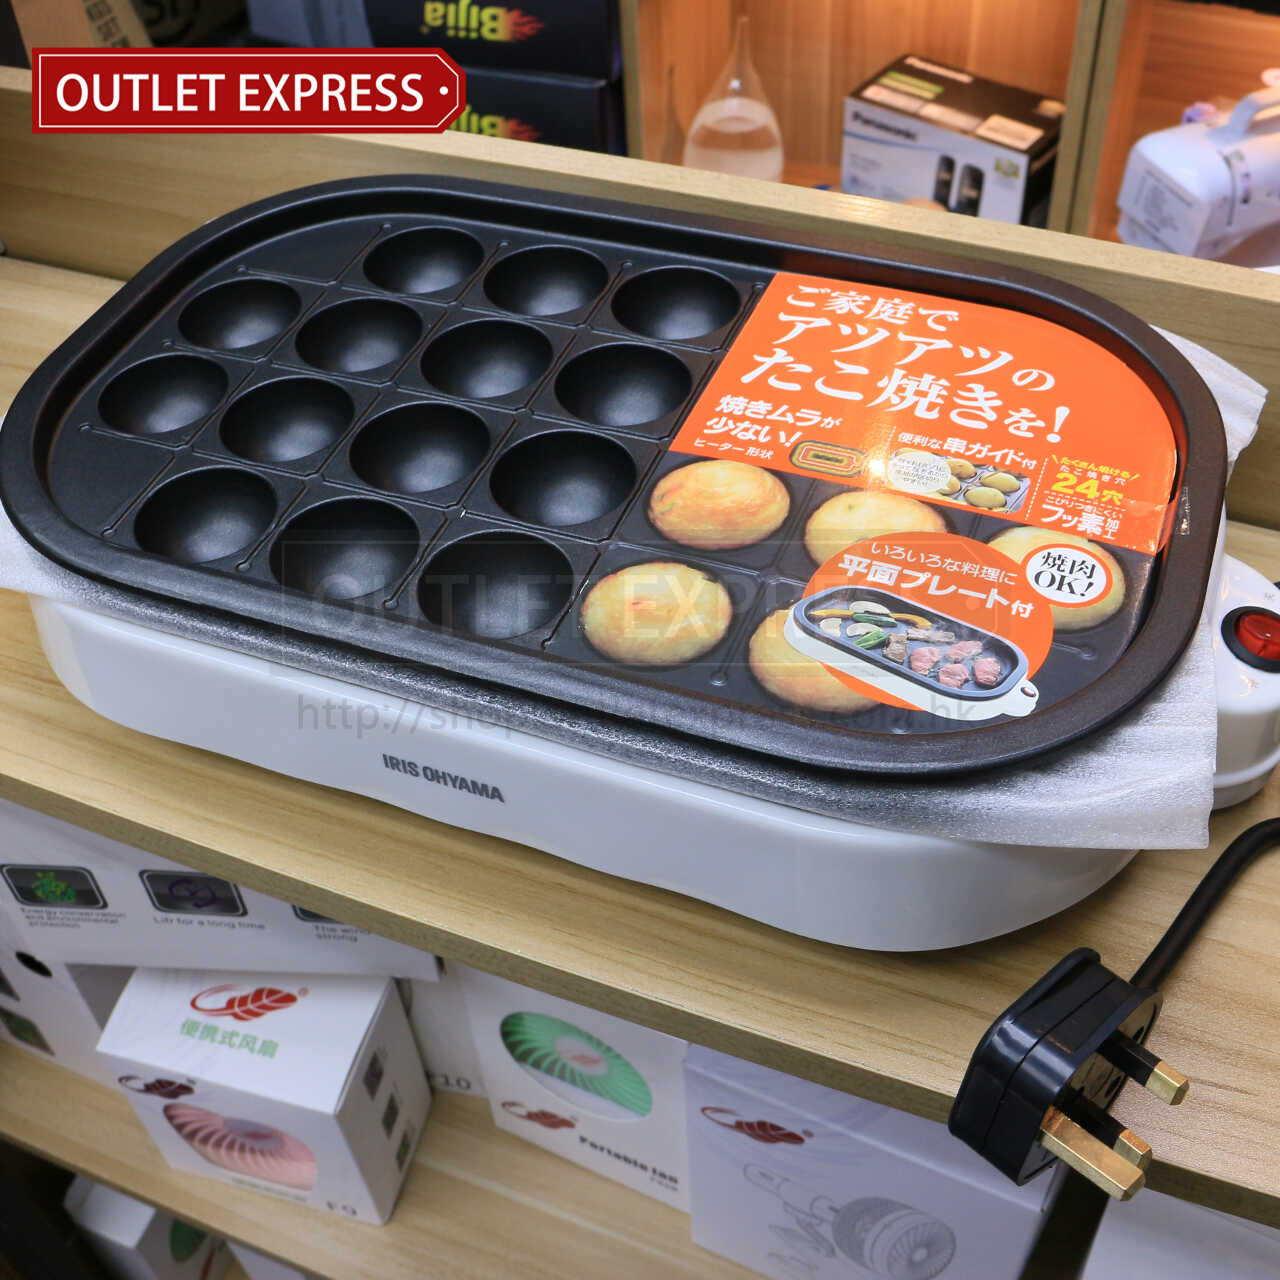 日本IRIS ITY-24W -W 章魚燒電煎板 | 燒肉烤盤 - Outlet Express HK生活百貨城